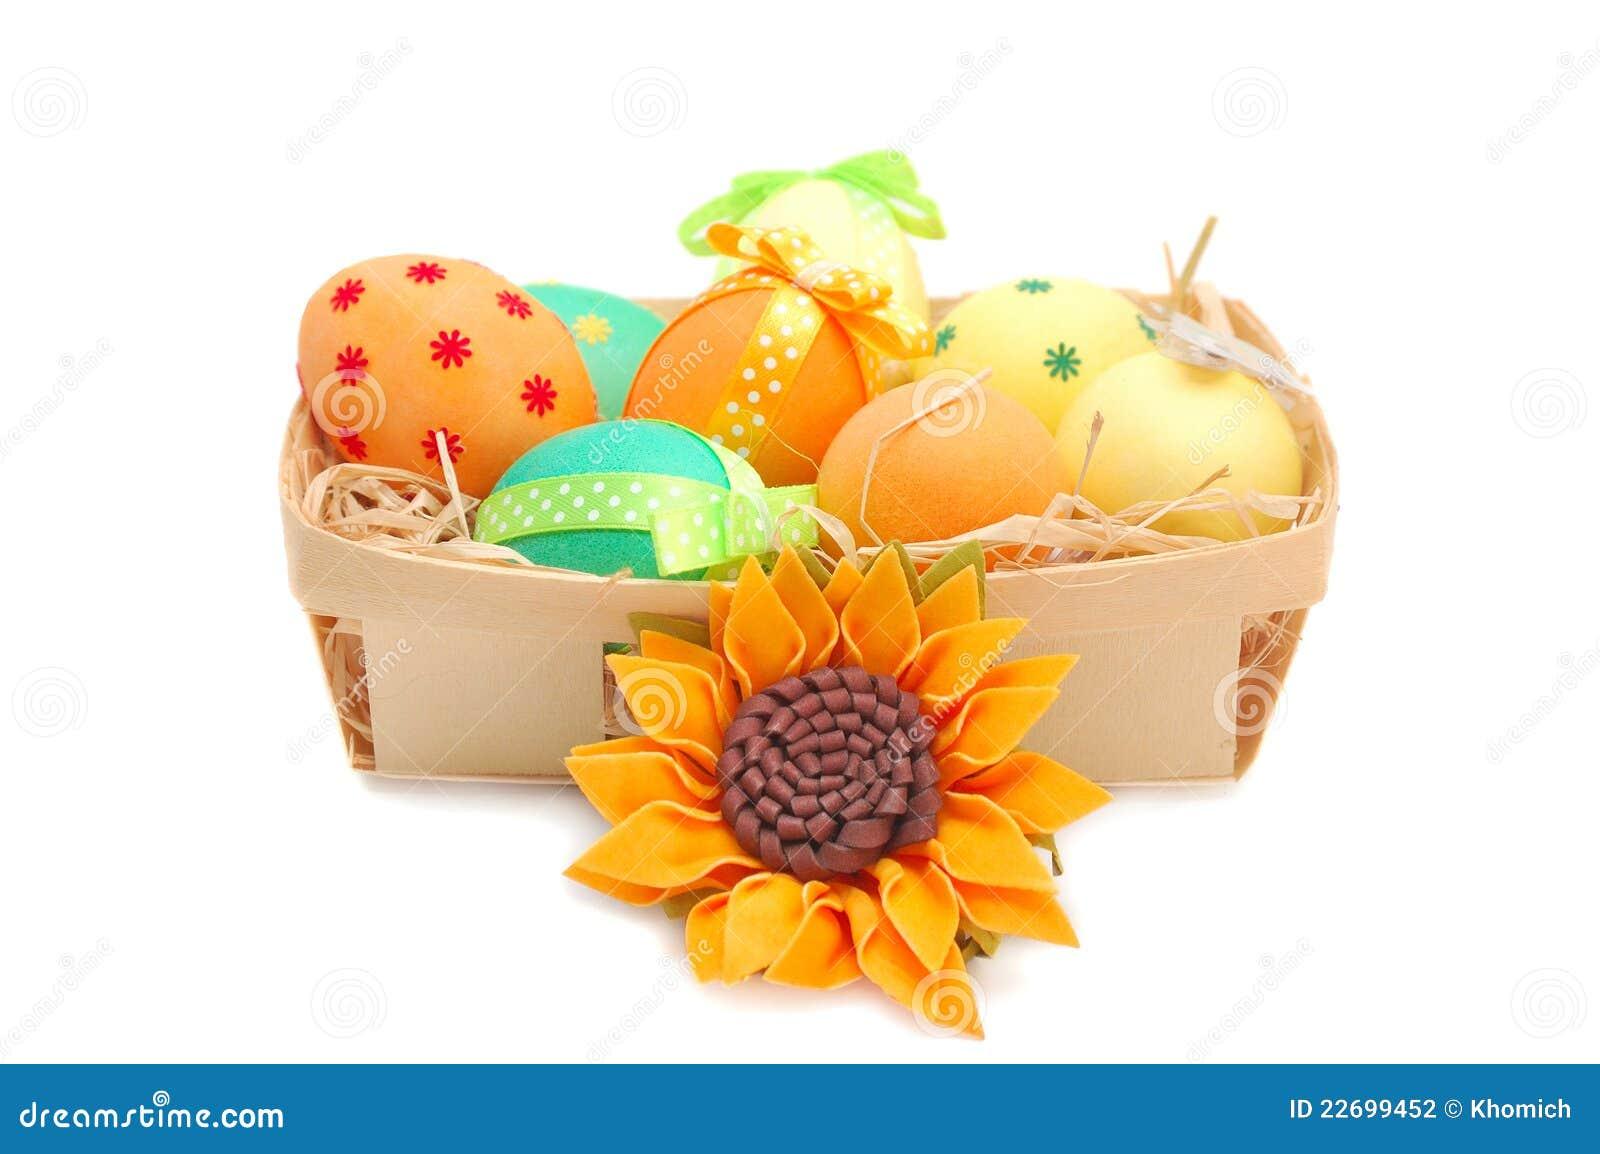 Uova di pasqua decorate nel busket con un girasole fotografia stock immagine di arco felice - Uova di pasqua decorate ...